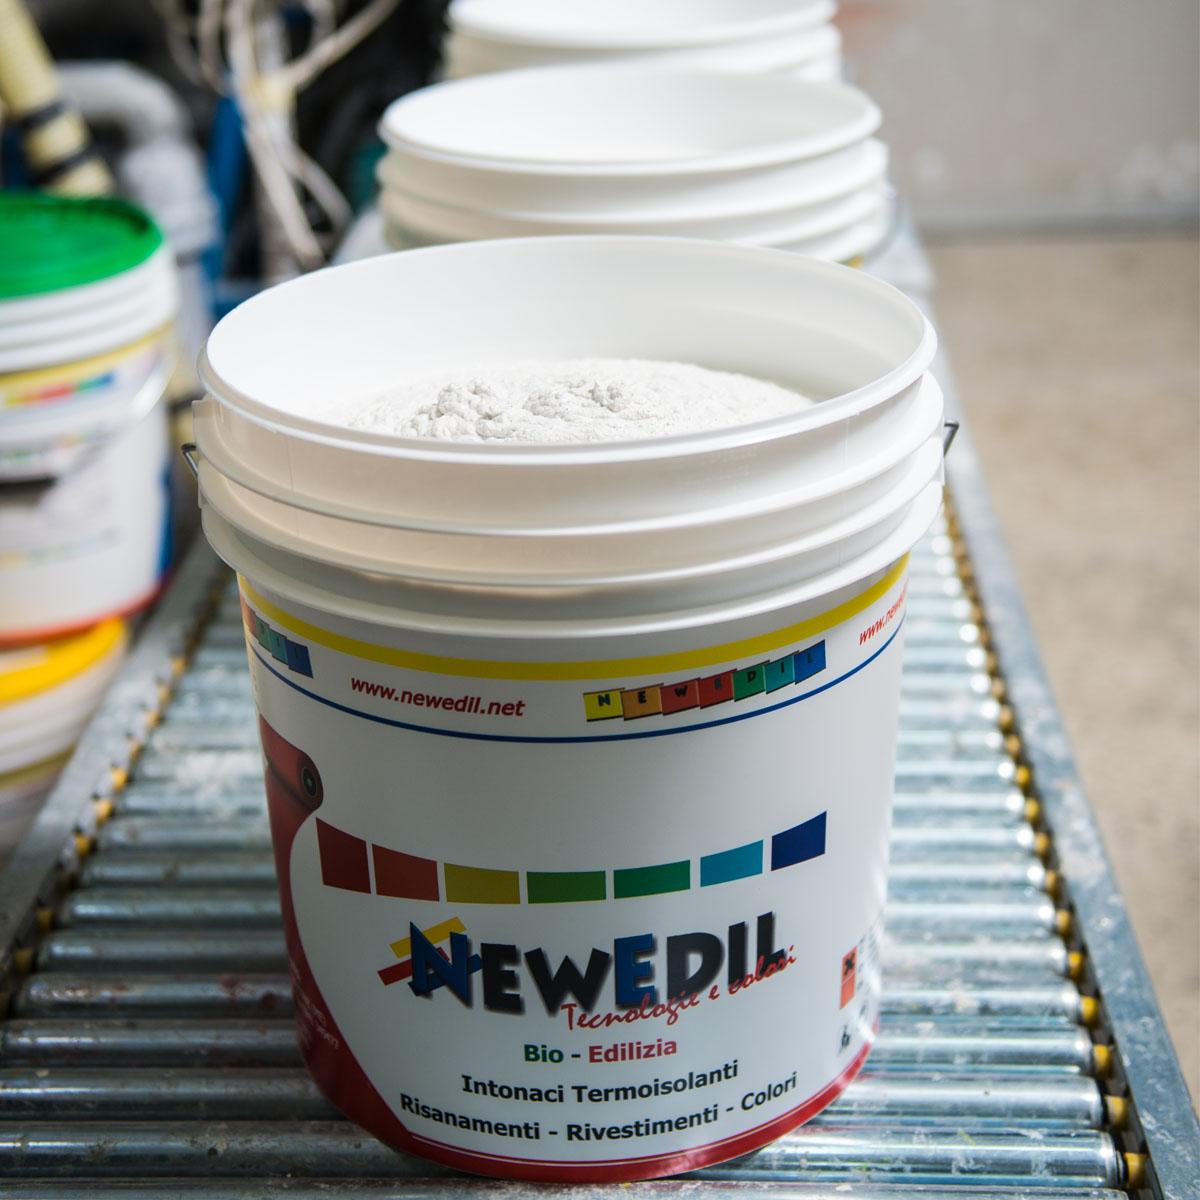 newedil2